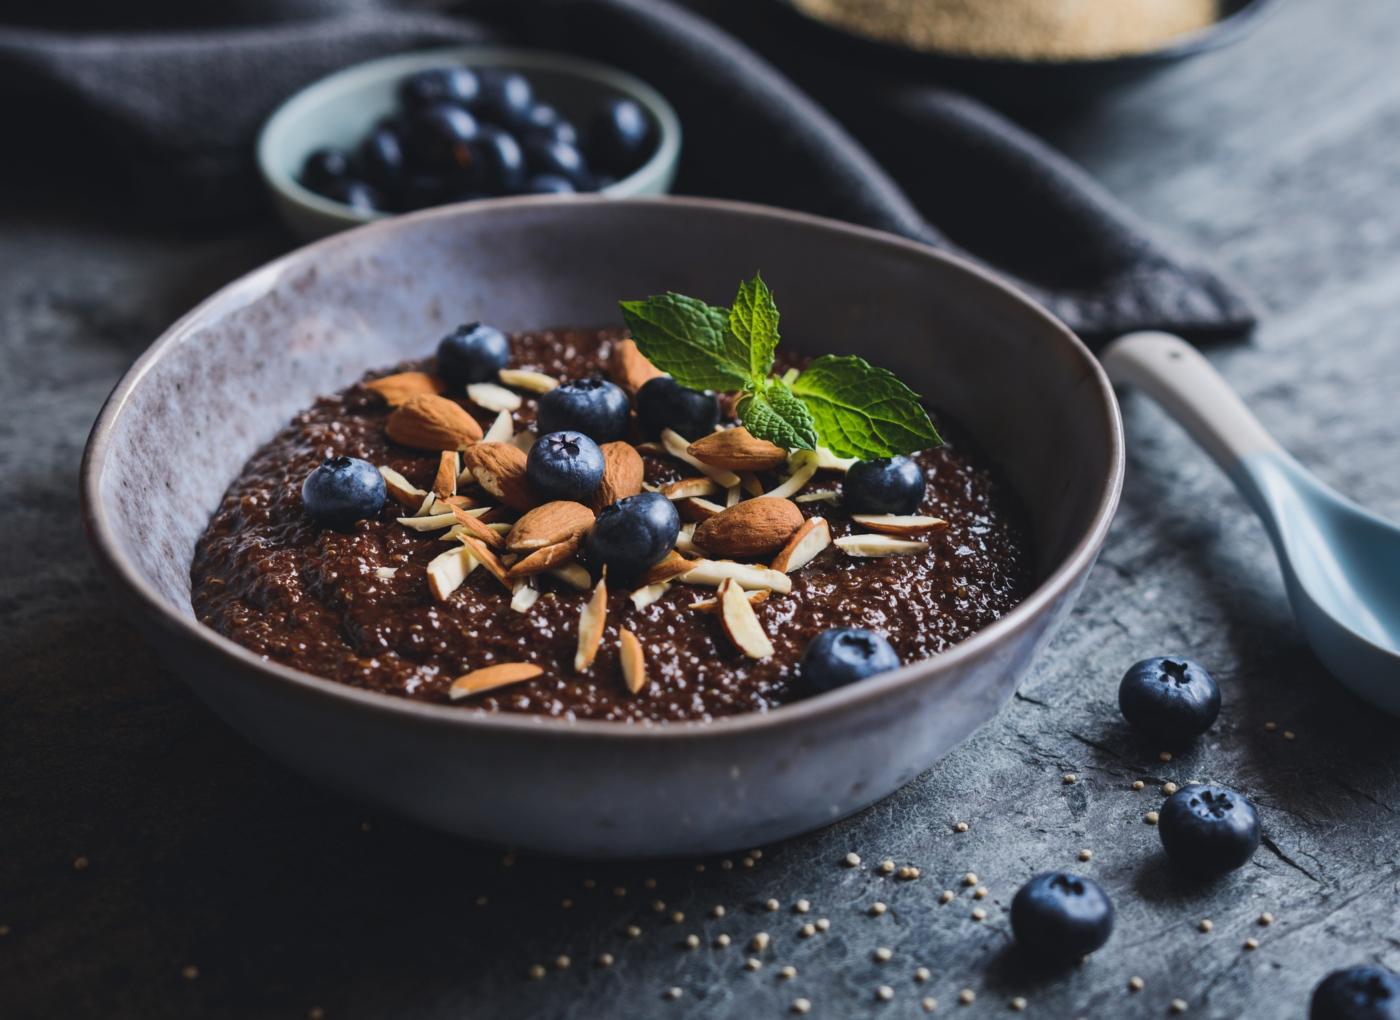 Receitas doces com quinoa: papas com mirtilos